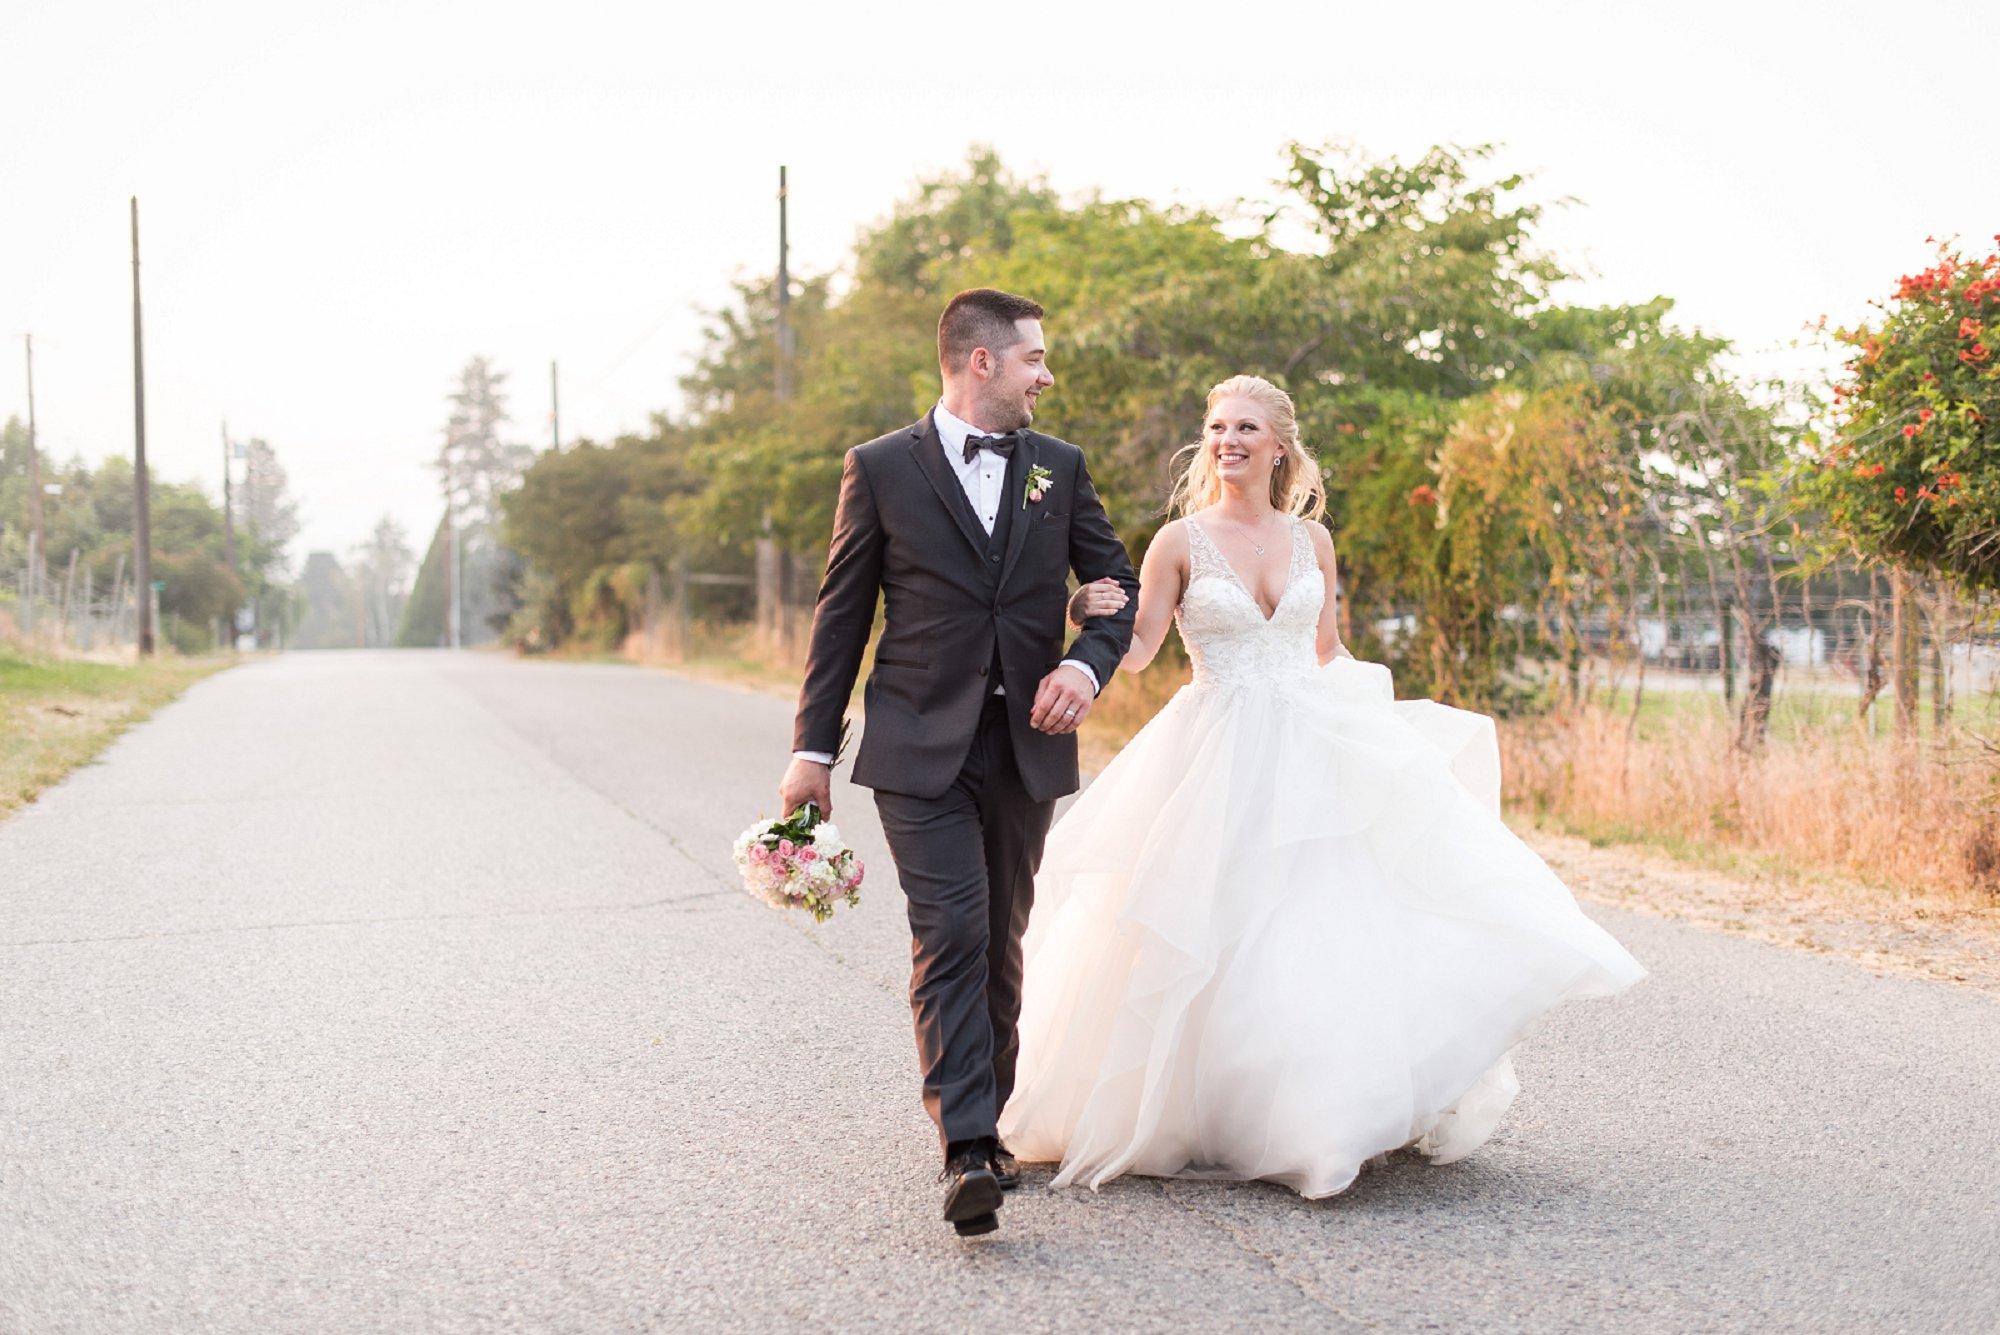 Wedding Vancouver Hayley Rae Photography_018.jpg